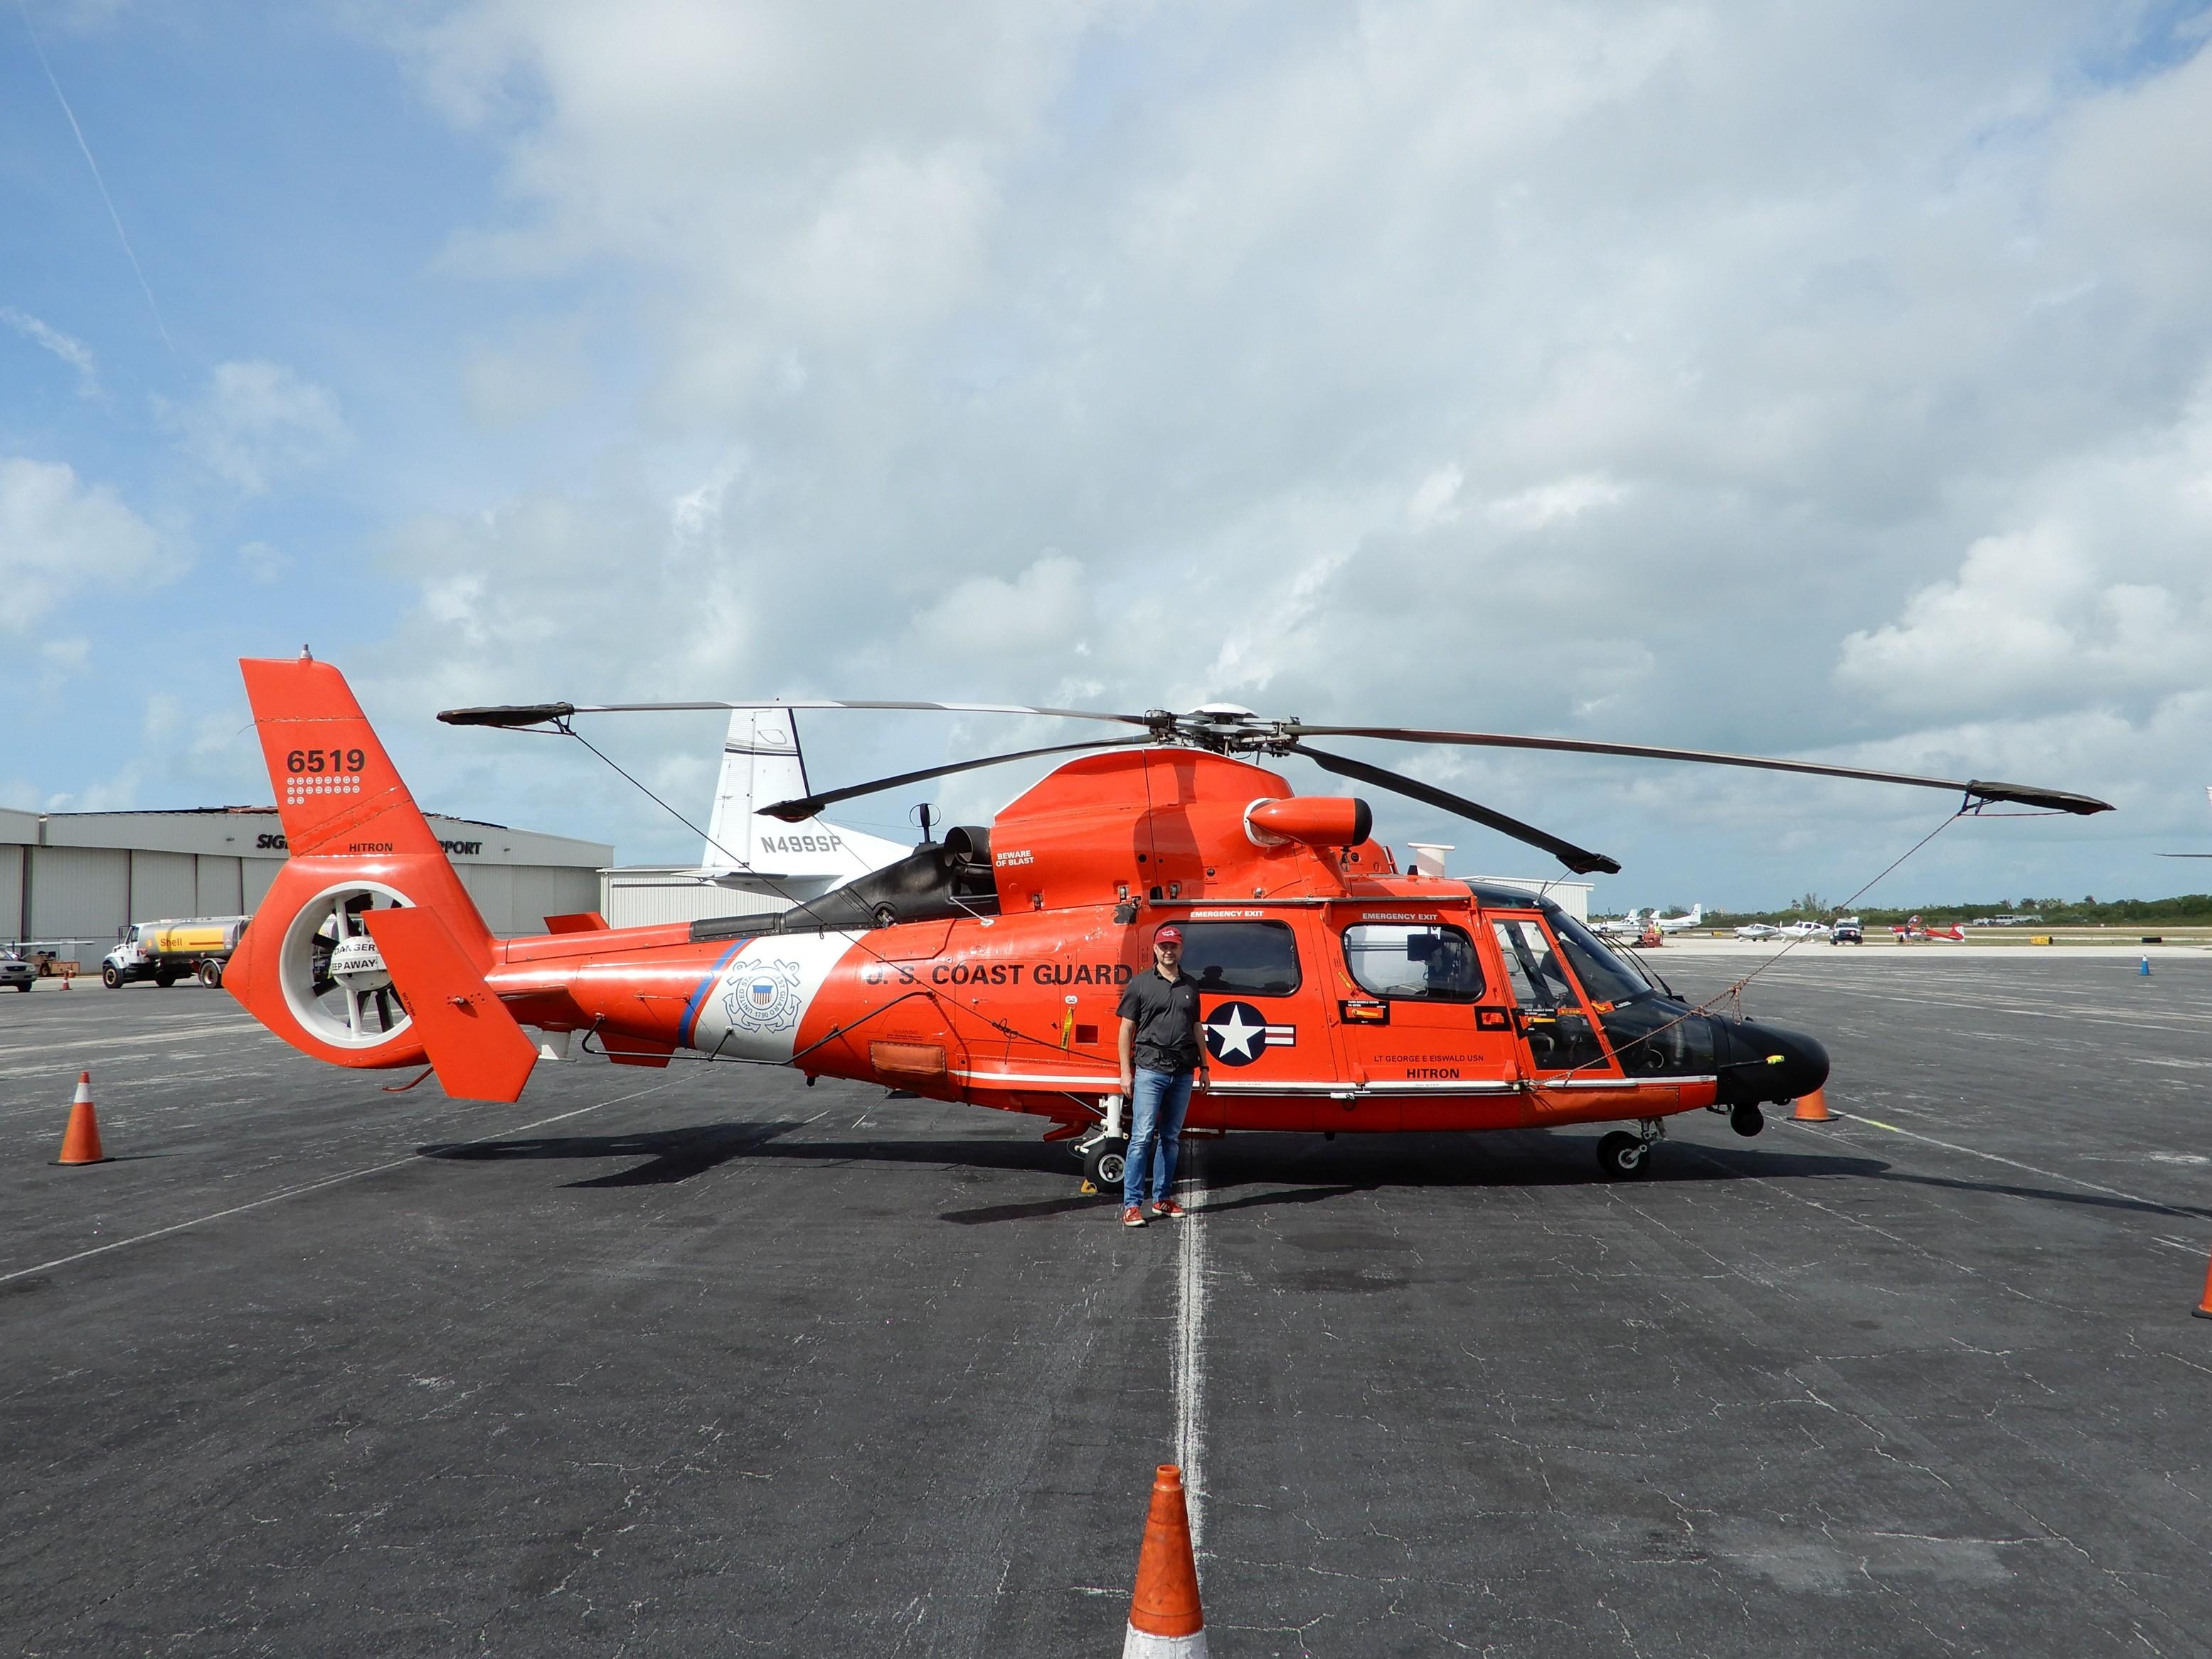 Vrtulník pobřežní stráže na letišti Key West (KEYW)